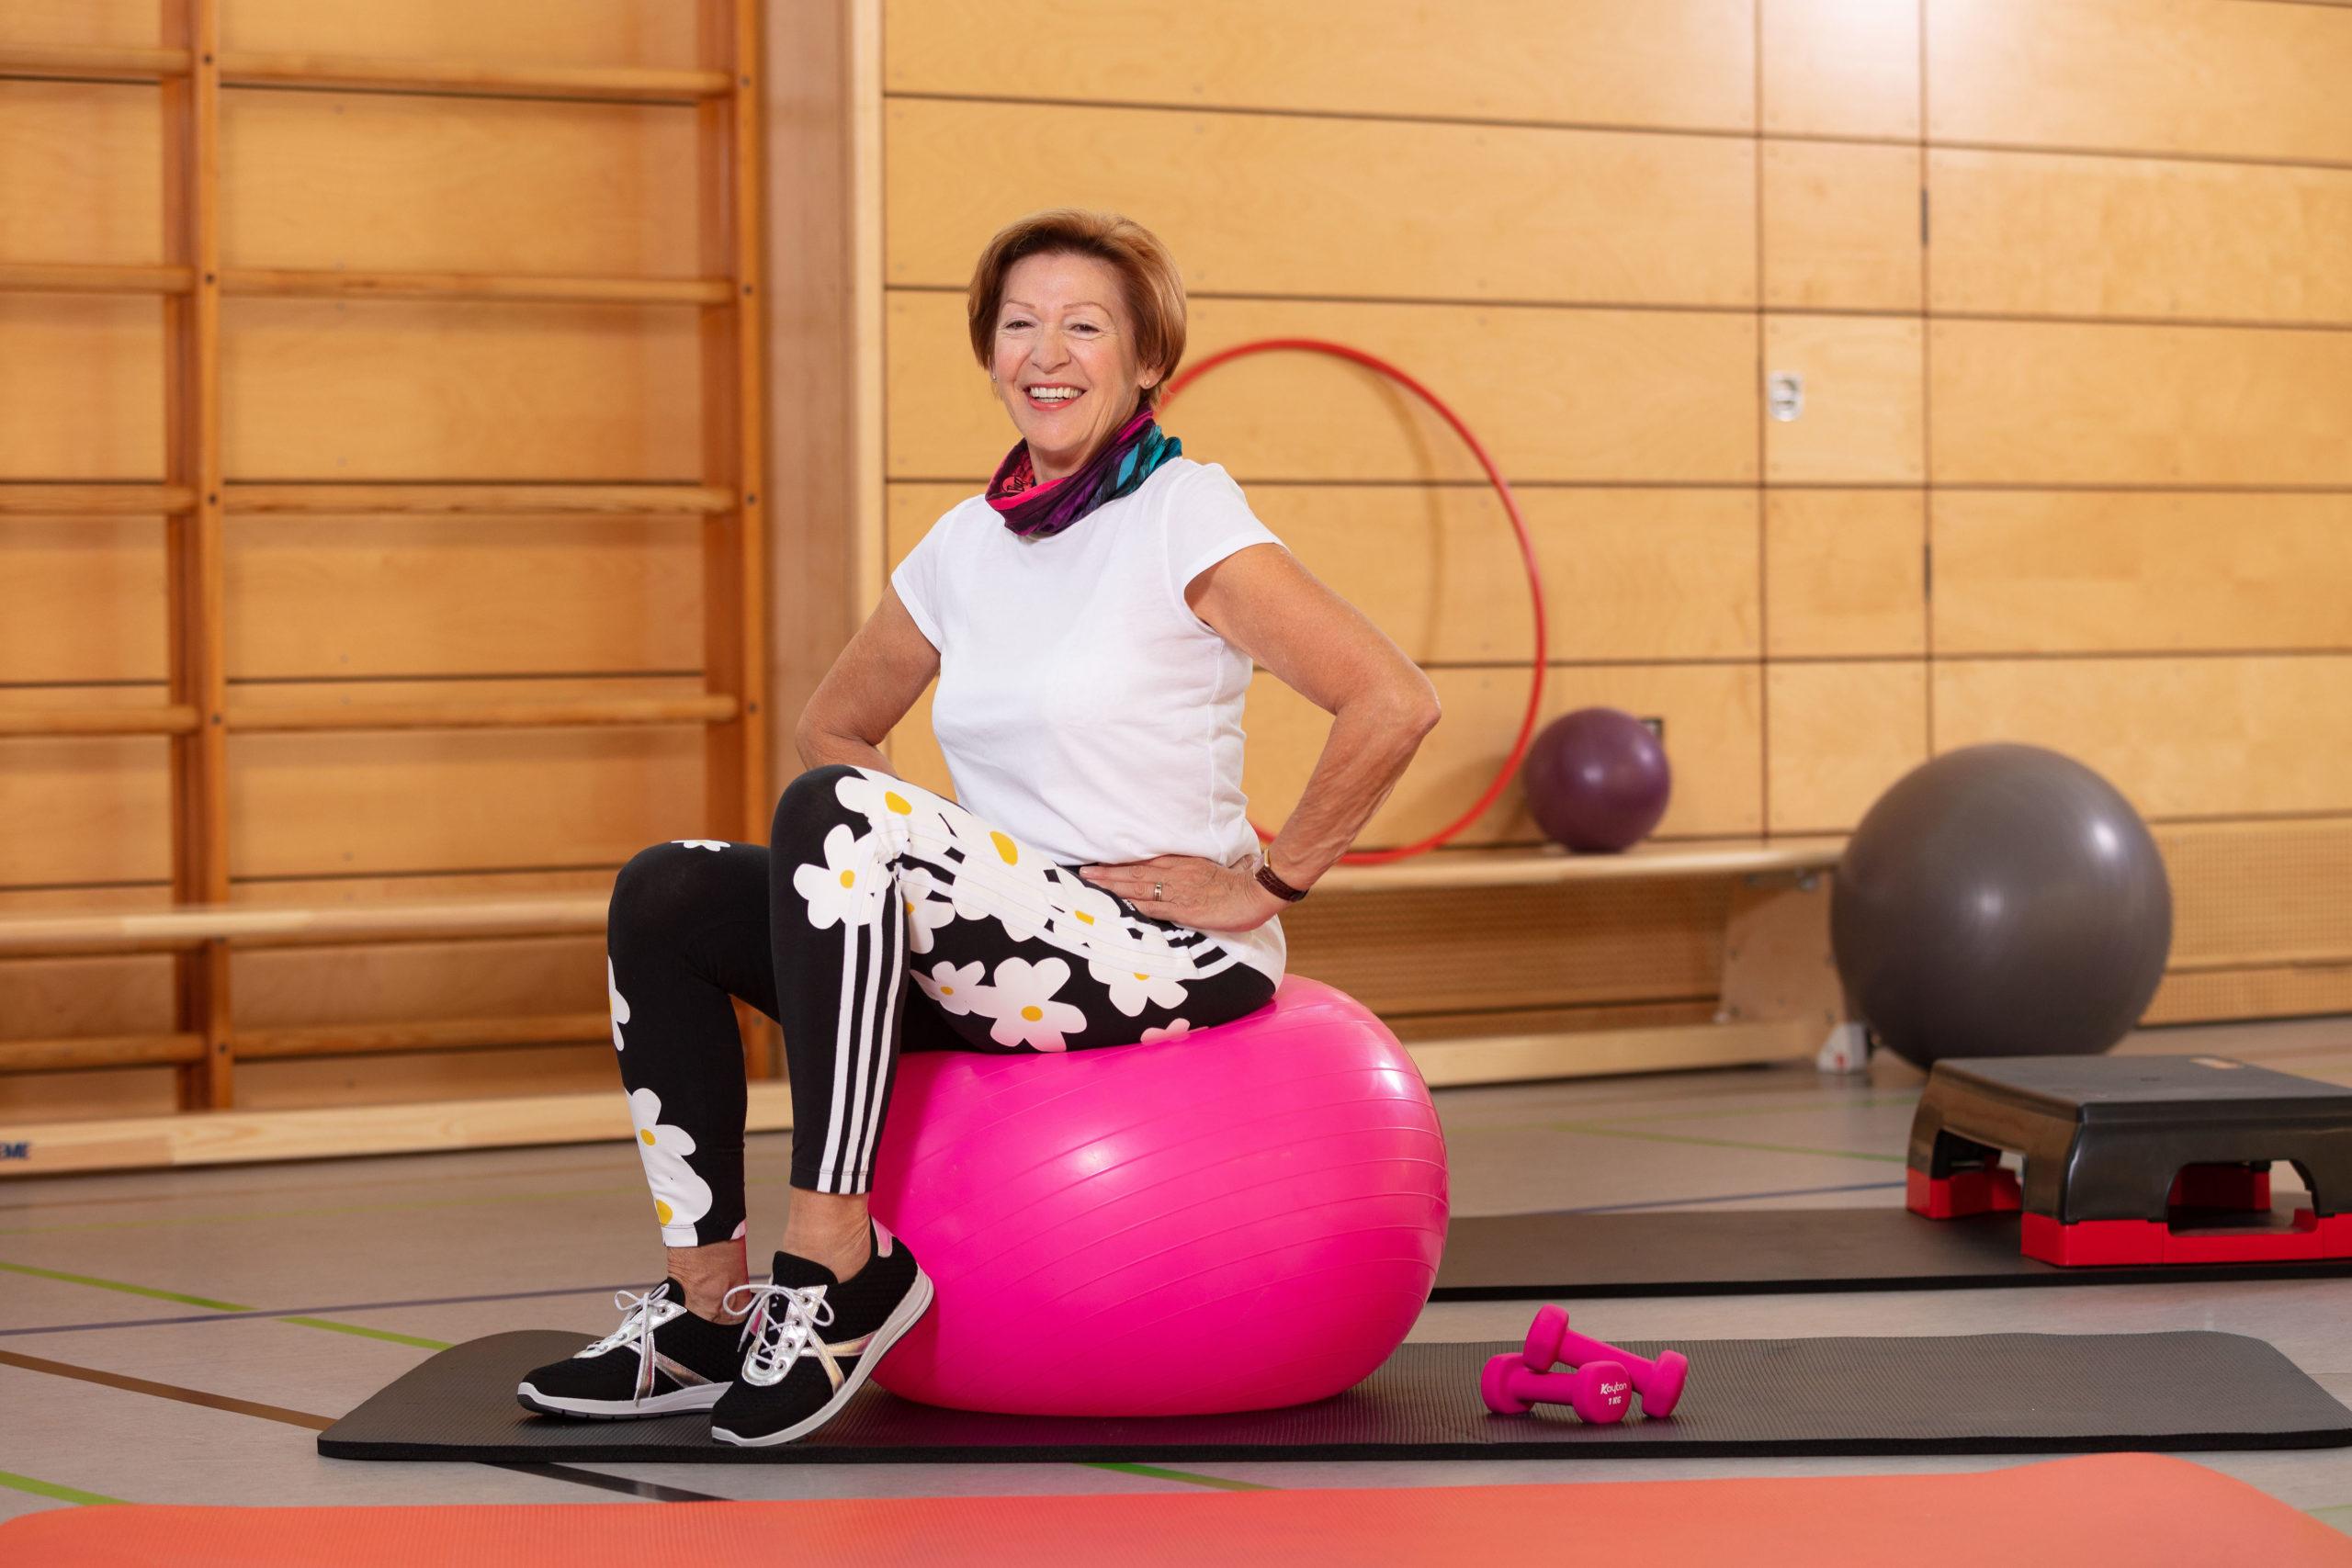 Ältere Frau beim Seniorensport